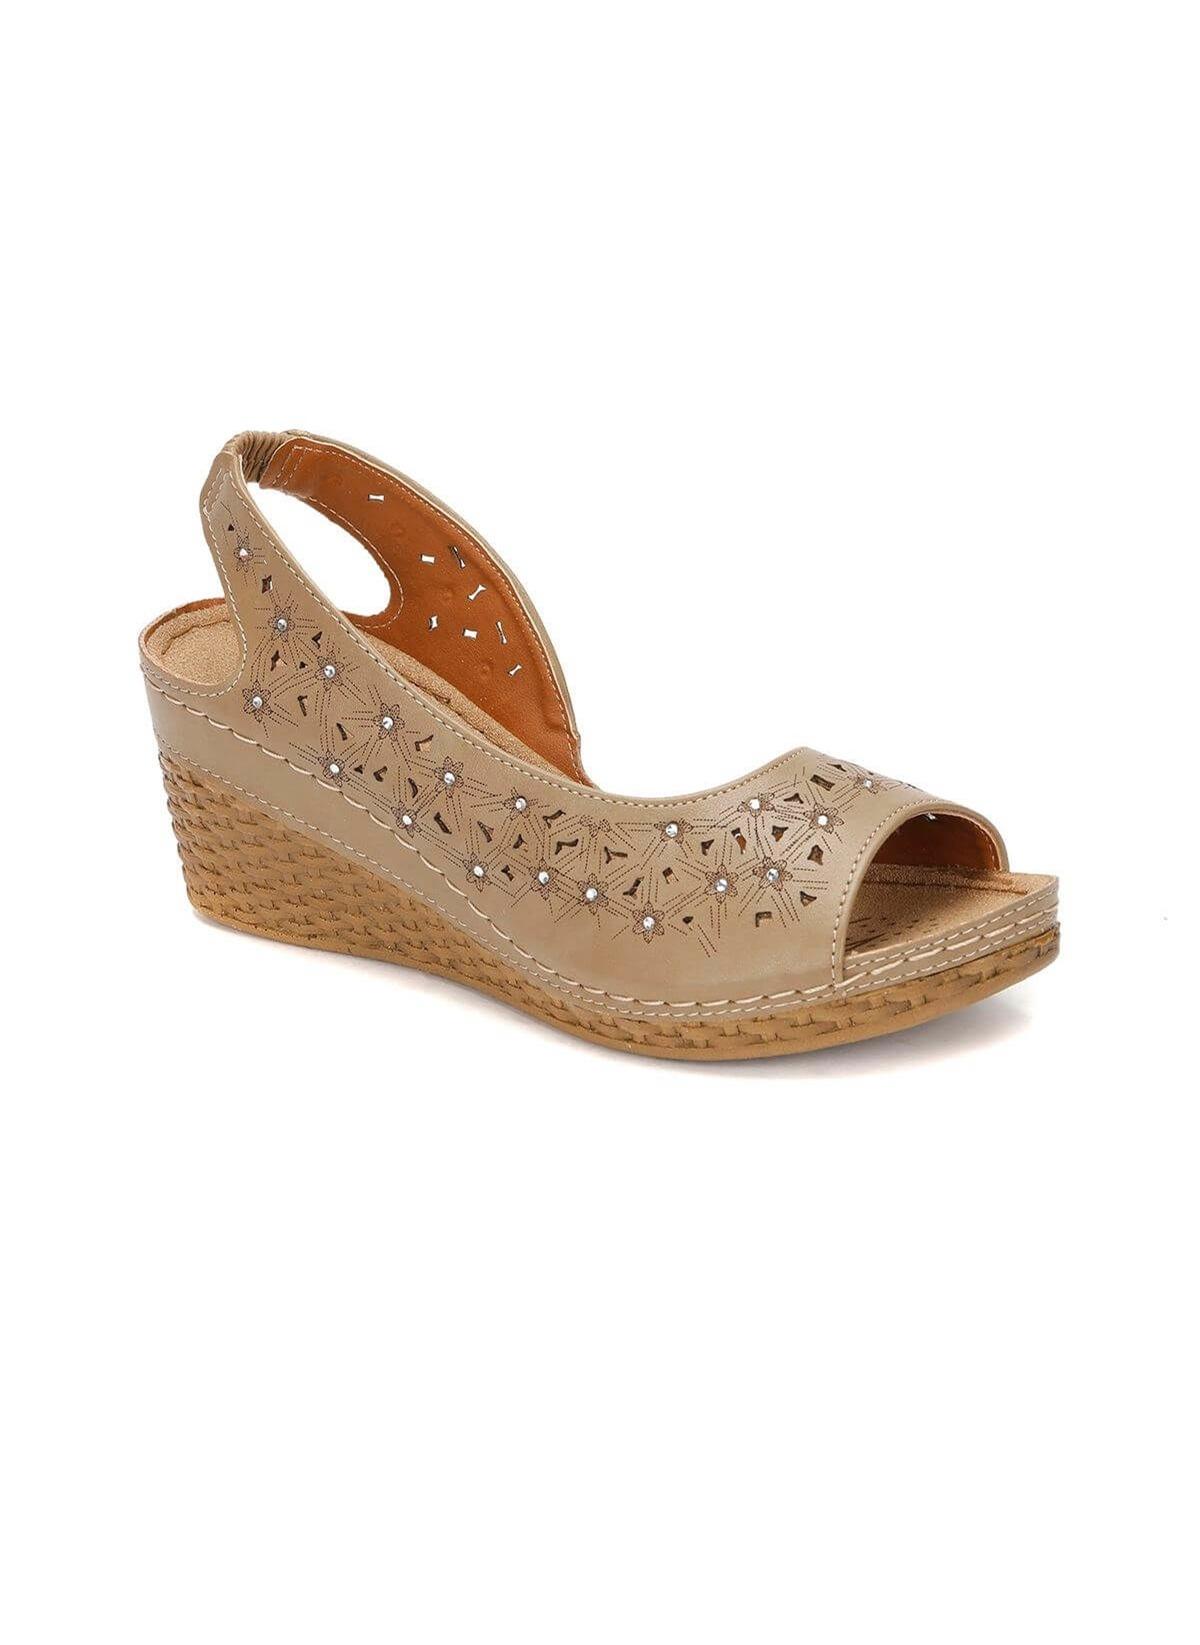 Polaris Ayakkabı 81.157342.z Basic Comfort – 79.99 TL